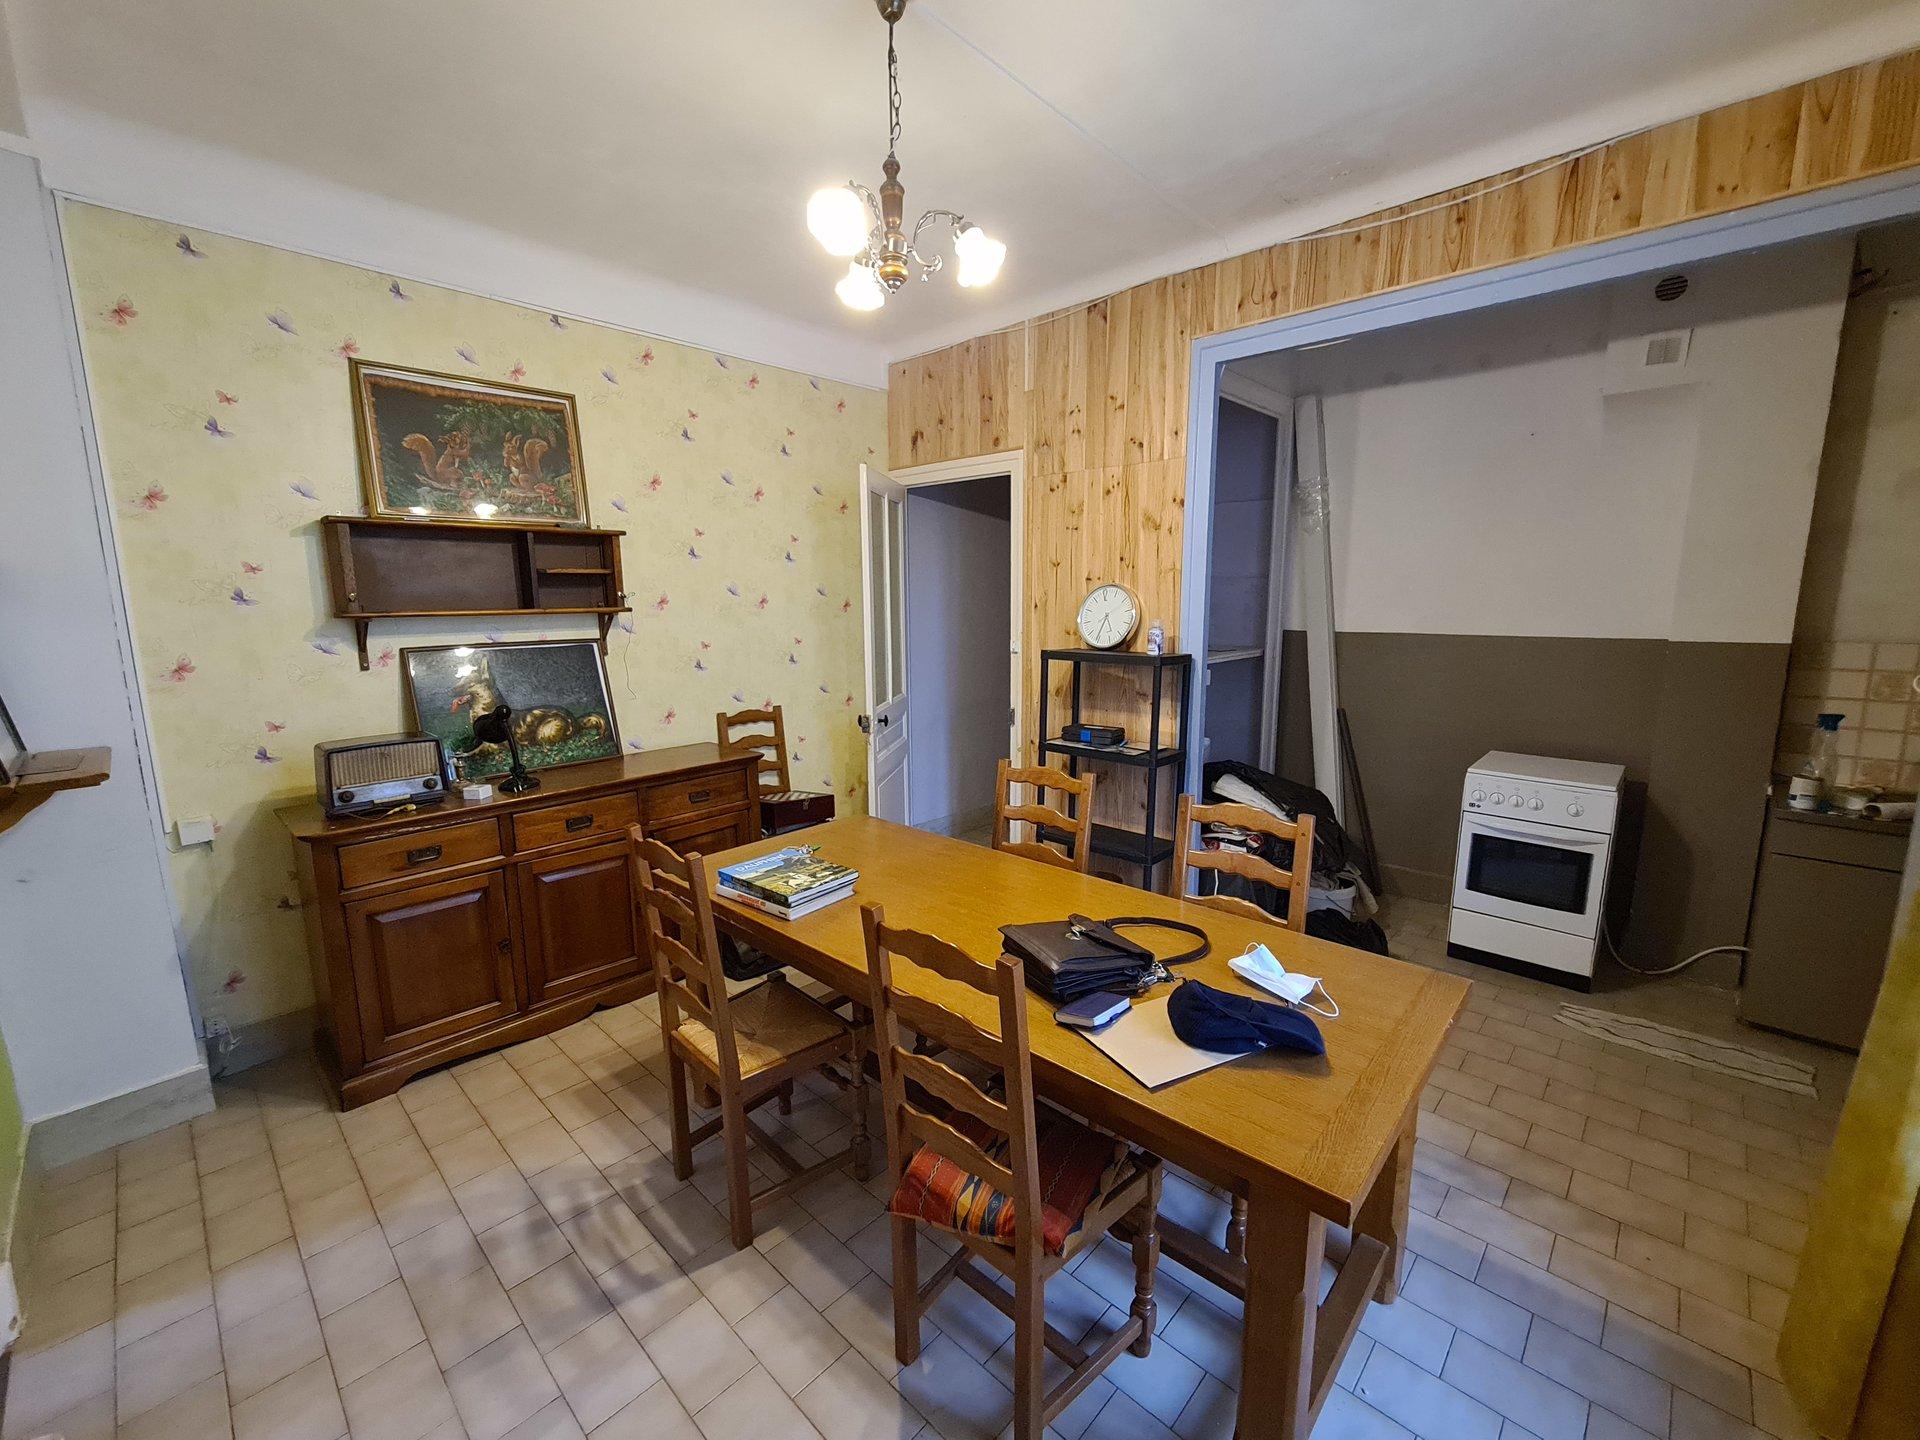 VIENNE NORD, Appartement T3 de 49,5m² avec balcon et cave